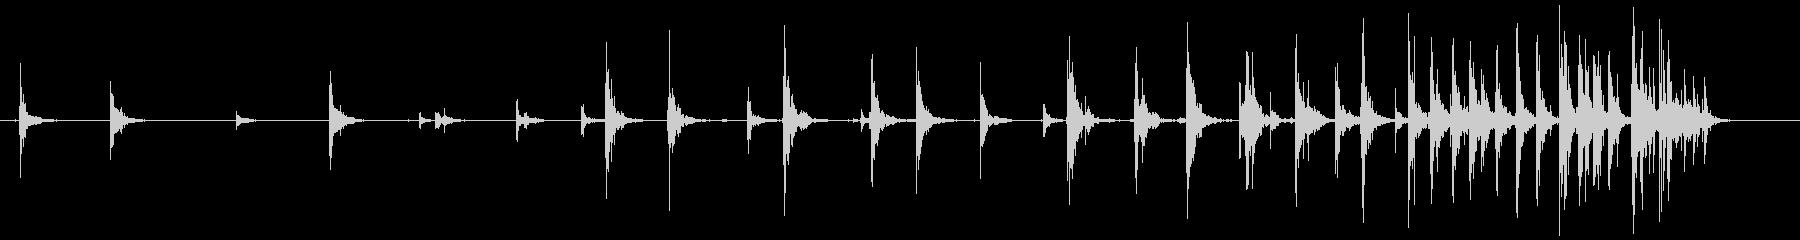 バルーン摩擦音、コミック摩擦アクセ...の未再生の波形